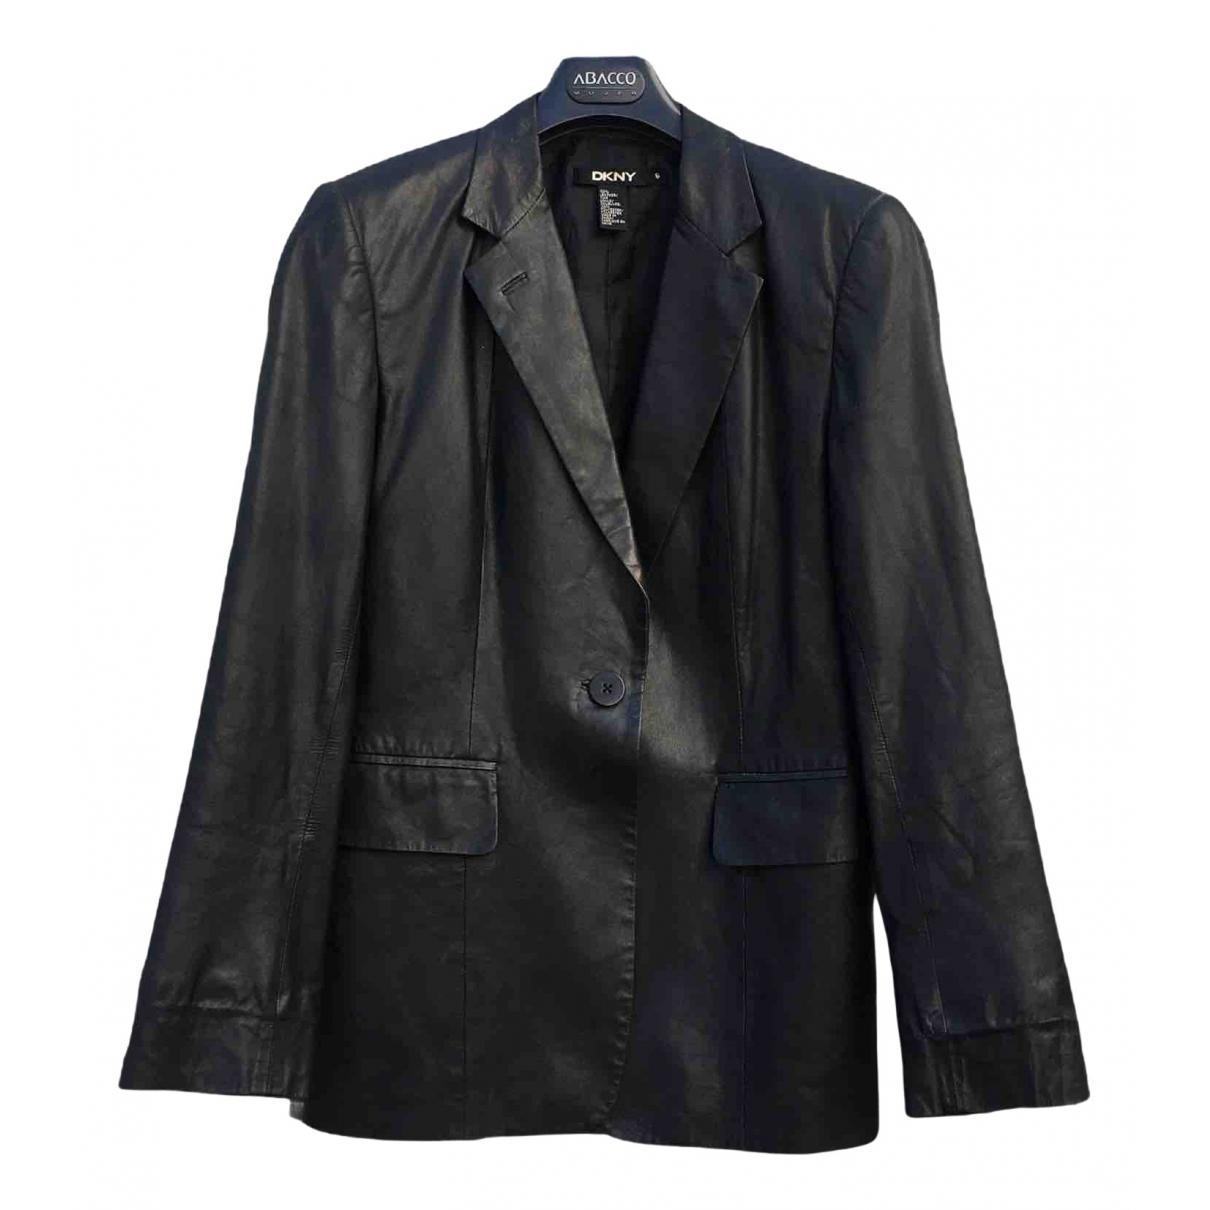 Dkny - Veste   pour femme en cuir - noir